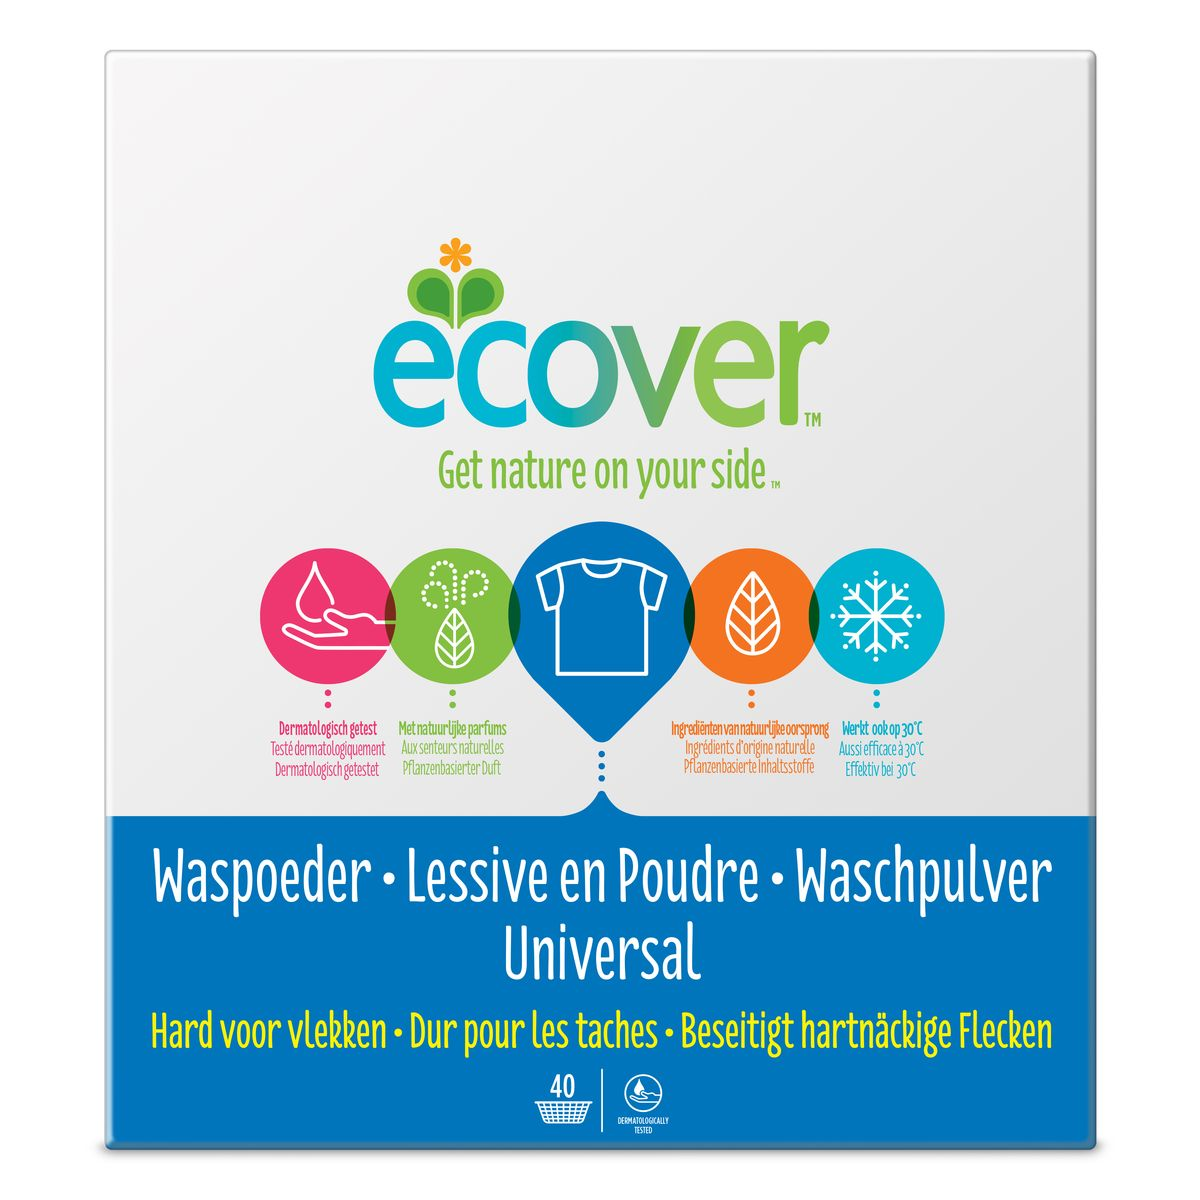 детские моющие средства meine liebe стиральный порошок универсальный концентрат 1000 г Экологический стиральный порошок Ecover, концентрат, универсальный, 3 кг